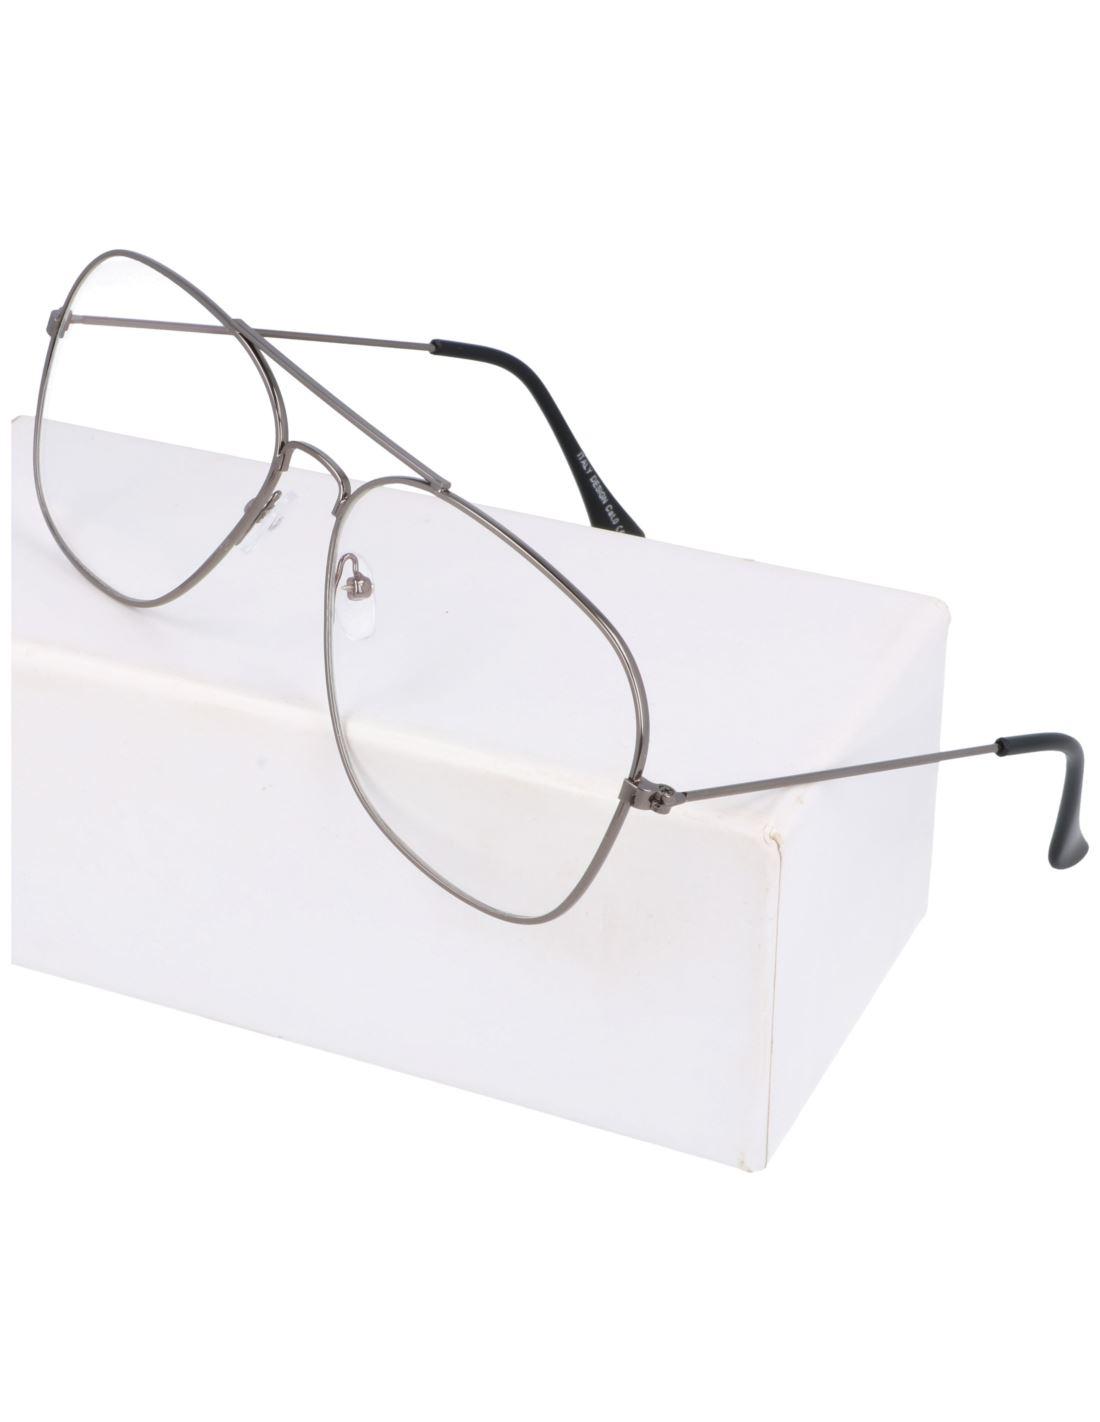 Damskie zastępcze okulary korekcyjne plusy +1.50